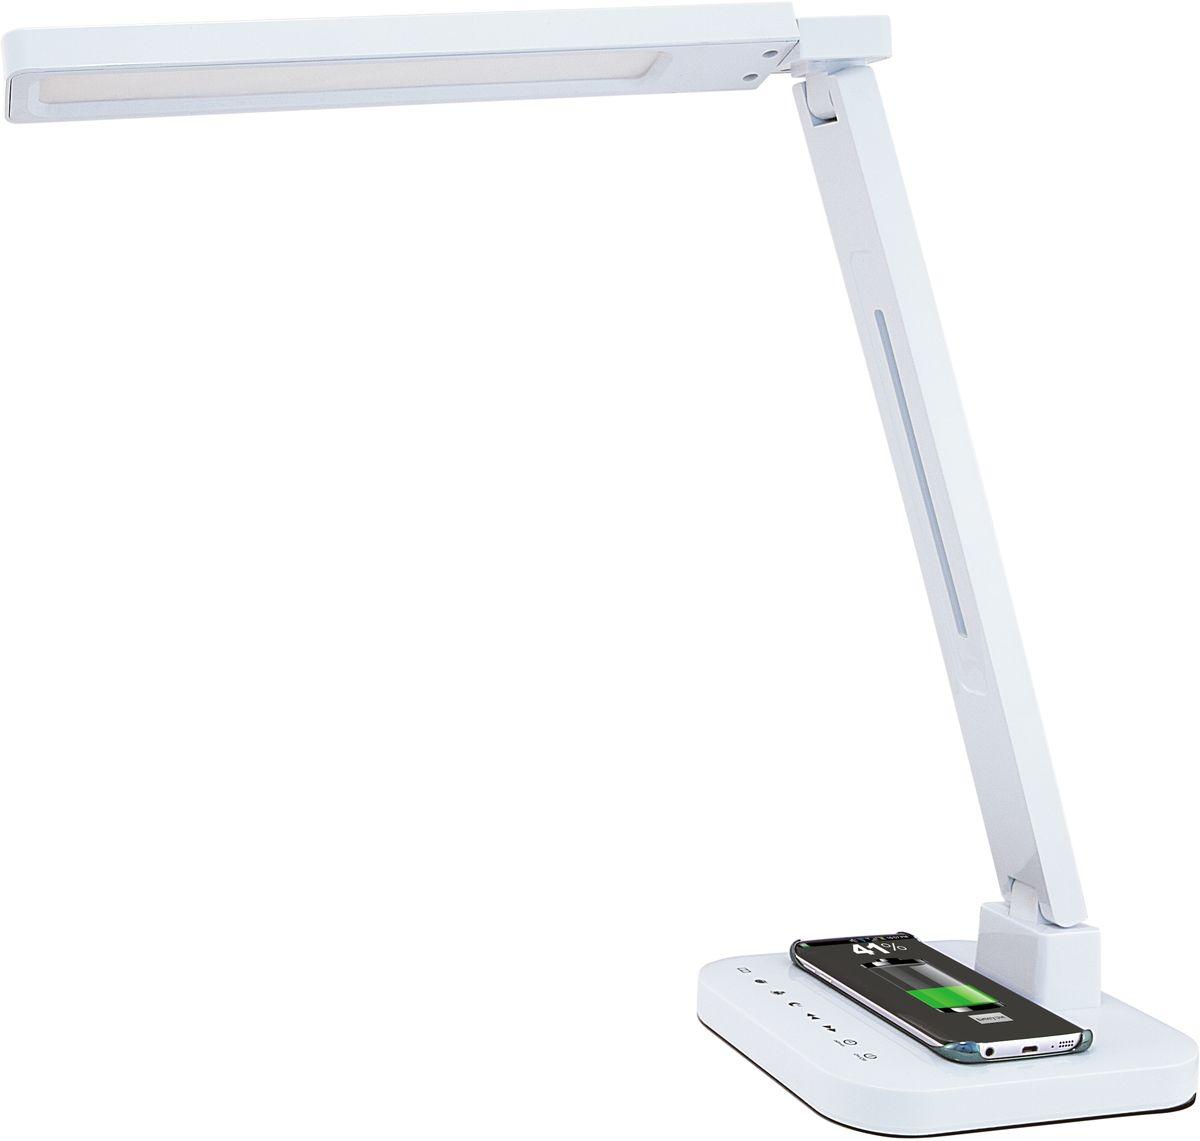 Лампа настольная Лючия Smart Qi, светодиодная, цвет: белый, 15W. L9004606400105459Светодиодный настольный светильник модель L900 Smart Qi - Беспроводная зарядка Qi - USB-разъем для подзарядки 5 В 2 А - Cенсорное управление - 4 режима. Цветовая температура света в диапазоне от 2700 до 6600 К - Дискретное изменение яркости свечения (5 уровней) - Запоминание выбранного уровня яркости в каждом режиме Настольный светильник. Предназначен для местного освещения внутри помещений. Напряжение сети 230 В, частота 50 Гц. Цветопередача Ra > 90. Источник света: SMD светодиоды, 48 шт. Регулировка направления света Кнопка: режим «чтение» Кнопка: режим «учеба» Кнопка: режим «релаксация» Кнопка: режим «сон» Кнопка: уменьшение яркости Кнопка: увеличение яркости Кнопка: таймер на 60 мин Кнопка: включение/ выключение Беспроводная зарядка Qi Разъем для адаптера для сети 230 В USB-разъем для зарядки